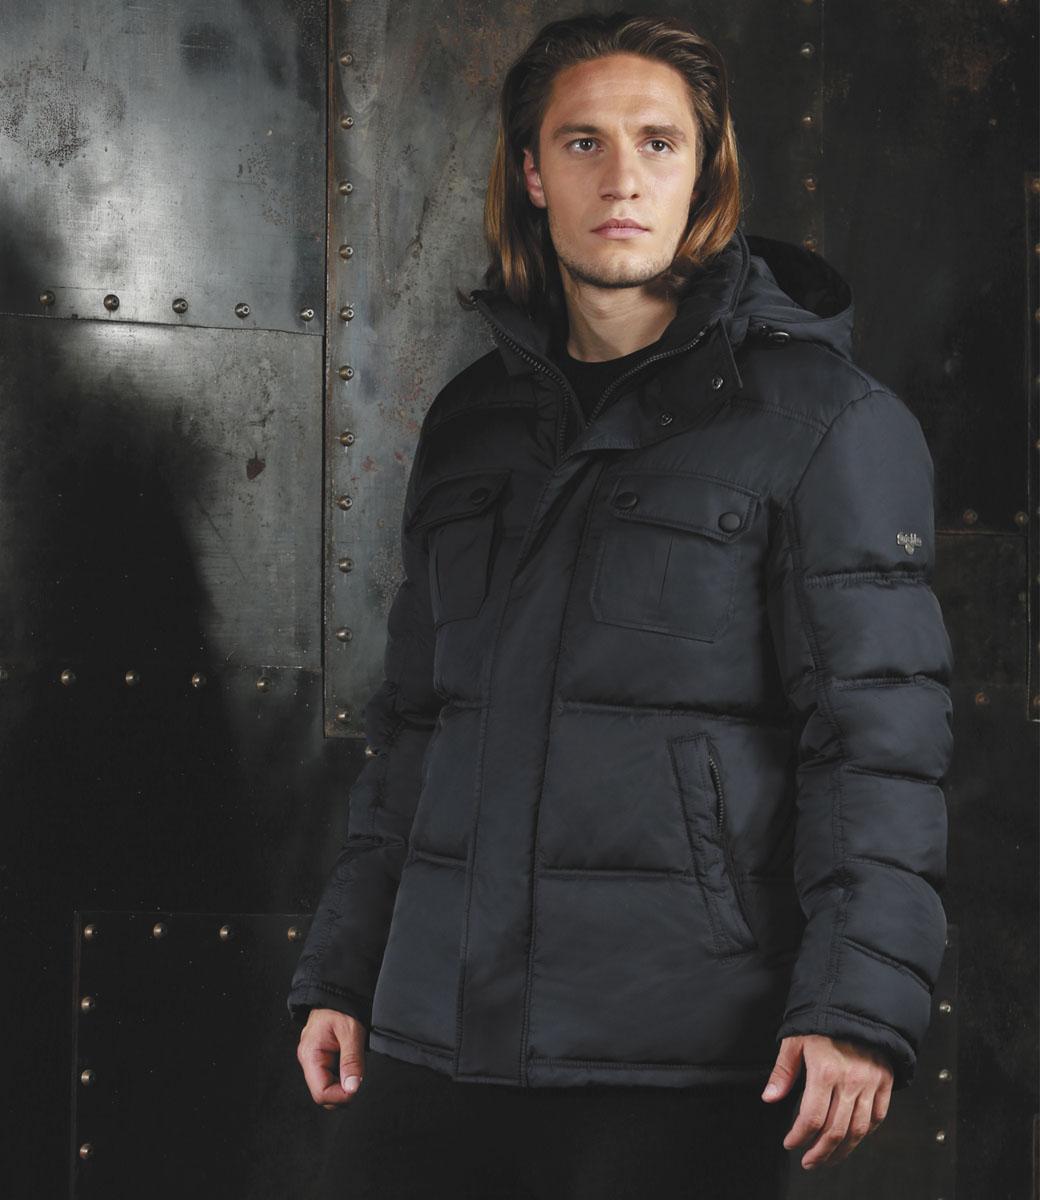 Куртка мужская Grishko, цвет: черный. AL-2975. Размер 56AL-2975Практичная универсальная куртка спортивного силуэта Grishko с застежкой на молнию и закрытым глубоким капюшоном, снабженным фиксаторами, дополнительно защищающим от непогоды, - незаменимая модель в холодную осеннюю погоду. Куртка дополнена двумя накладными карманами с клапанами на кнопках на груди, двумя боковыми втачными карманами на молнии и внутренним карманом. Утеплитель - 100% микрофайбер - это утеплитель нового поколения, который отличается повышенной теплоизоляцией, антибактериальными свойствами, долговечностью в использовании и необычайно легок в носке и уходе.